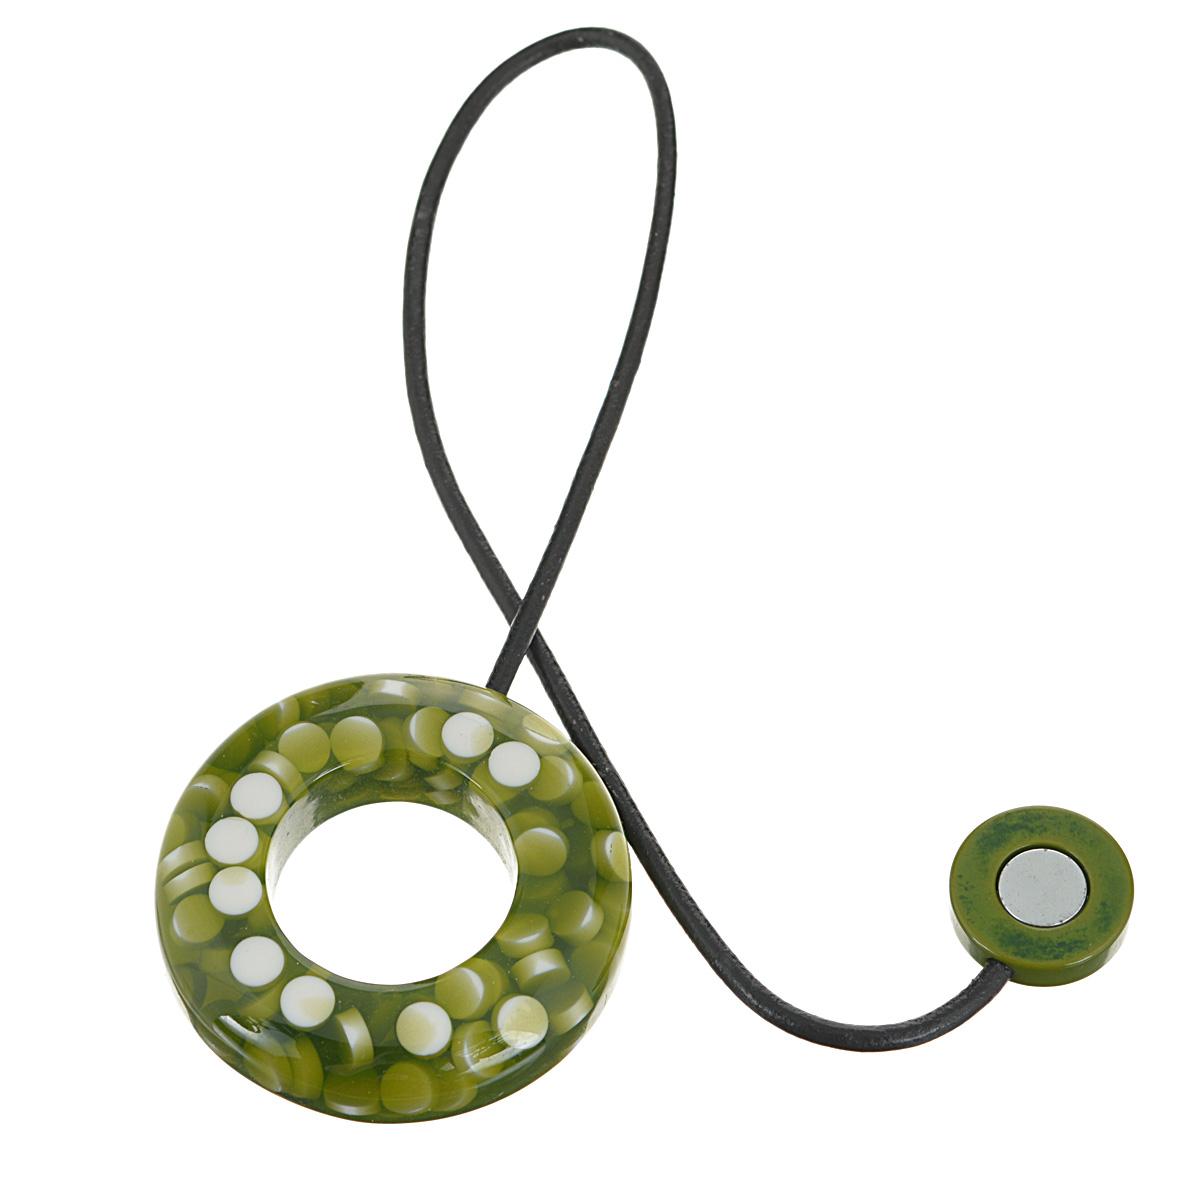 Подхват-магнит для органзы Embrasse, цвет: оливковый, белый. 7706113_80817706113_8081Клипса-магнит  Embrasse, изготовленная из пластика и кожи, предназначена для придания формы шторам. Изделие представляет собой два магнита, расположенные на разных концах кожаного шнурка. С одной стороны магнит оформлен декоративным кольцом. С помощью такой магнитной клипсы можно зафиксировать портьеры, придать им требуемое положение, сделать складки симметричными или приблизить портьеры, скрепить их. Клипсы для штор являются универсальным изделием, которое превосходно подойдет как для штор в детской комнате, так и для штор в гостиной. Следует отметить, что клипсы для штор выполняют не только практическую функцию, но также являются одной из основных деталей декора этого изделия, которая придает шторам восхитительный, стильный внешний вид. Материал: пластик, кожа, магнит.Диаметр кольца: 5,5 см.Диаметр магнита: 2 см.Длина ленты: 28 см.